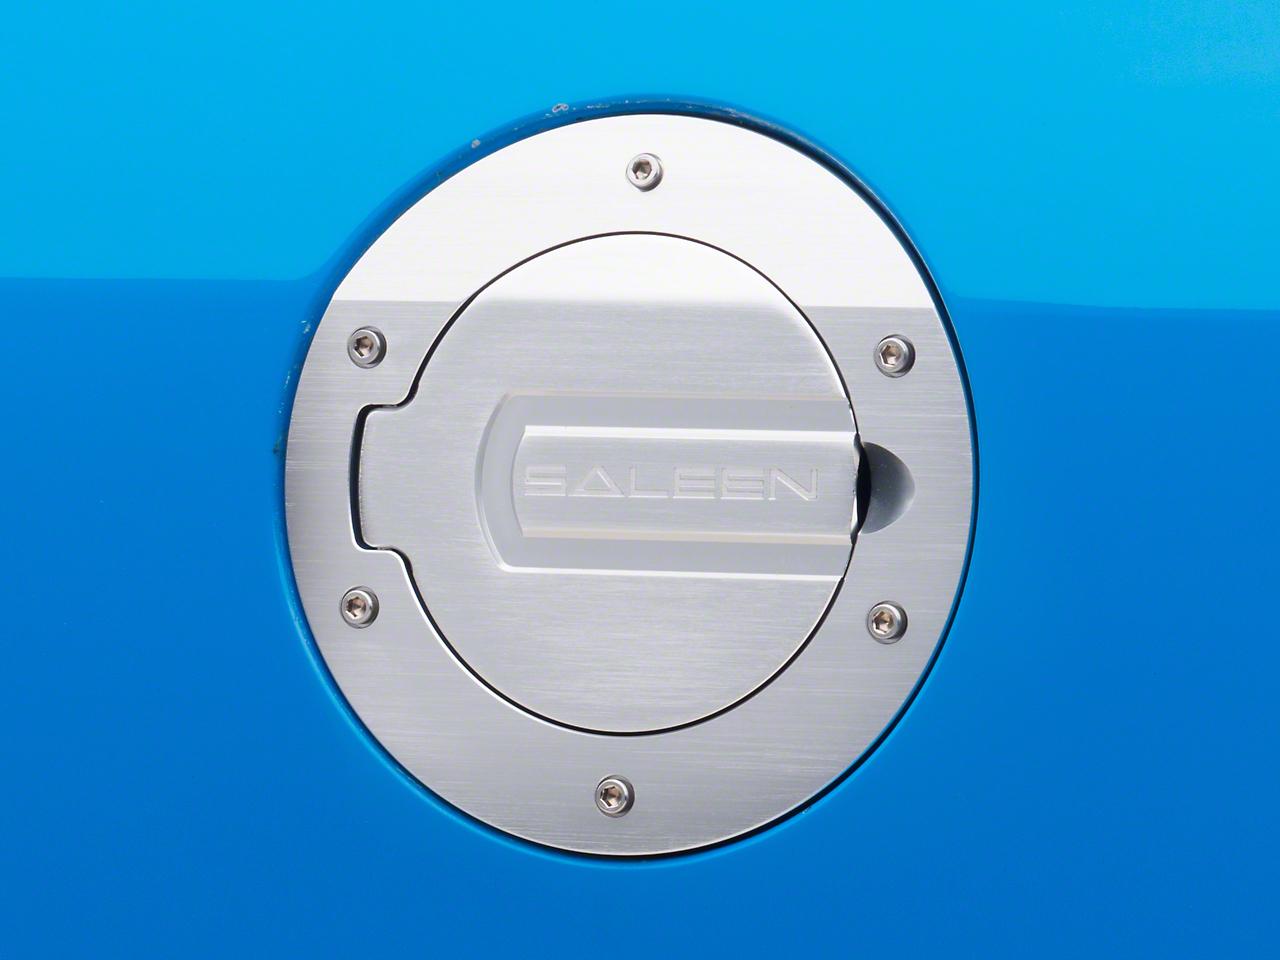 Saleen S281 Brushed Aluminum Fuel Door (05-09 All)